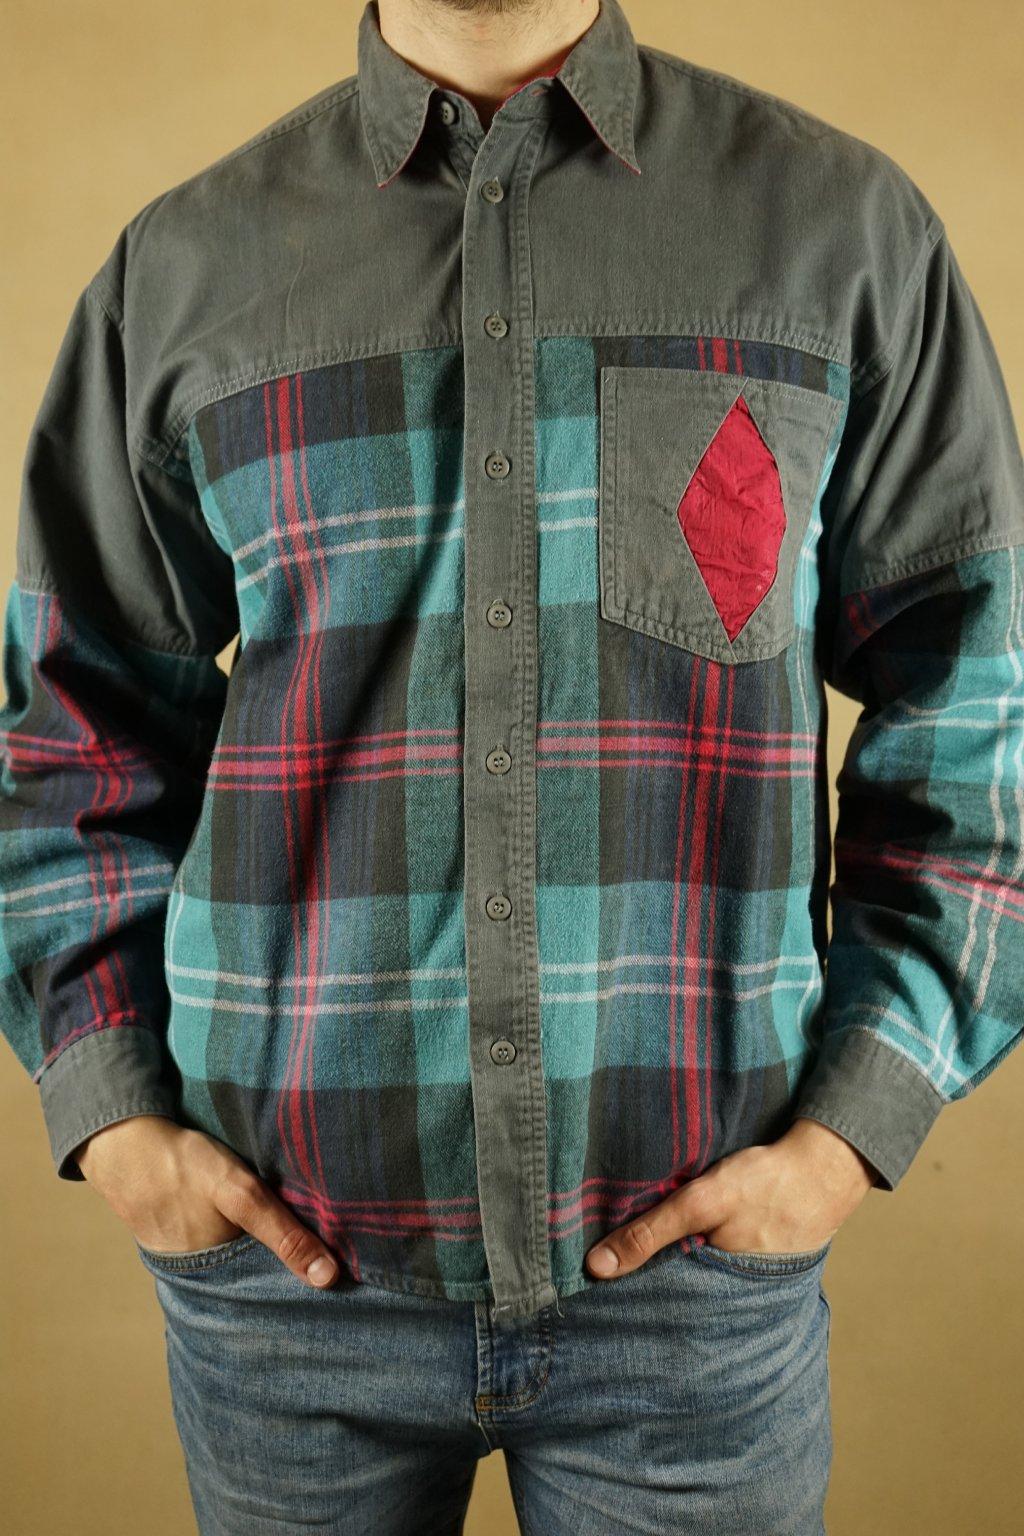 Károvaná flanelová košile vel. L/XL